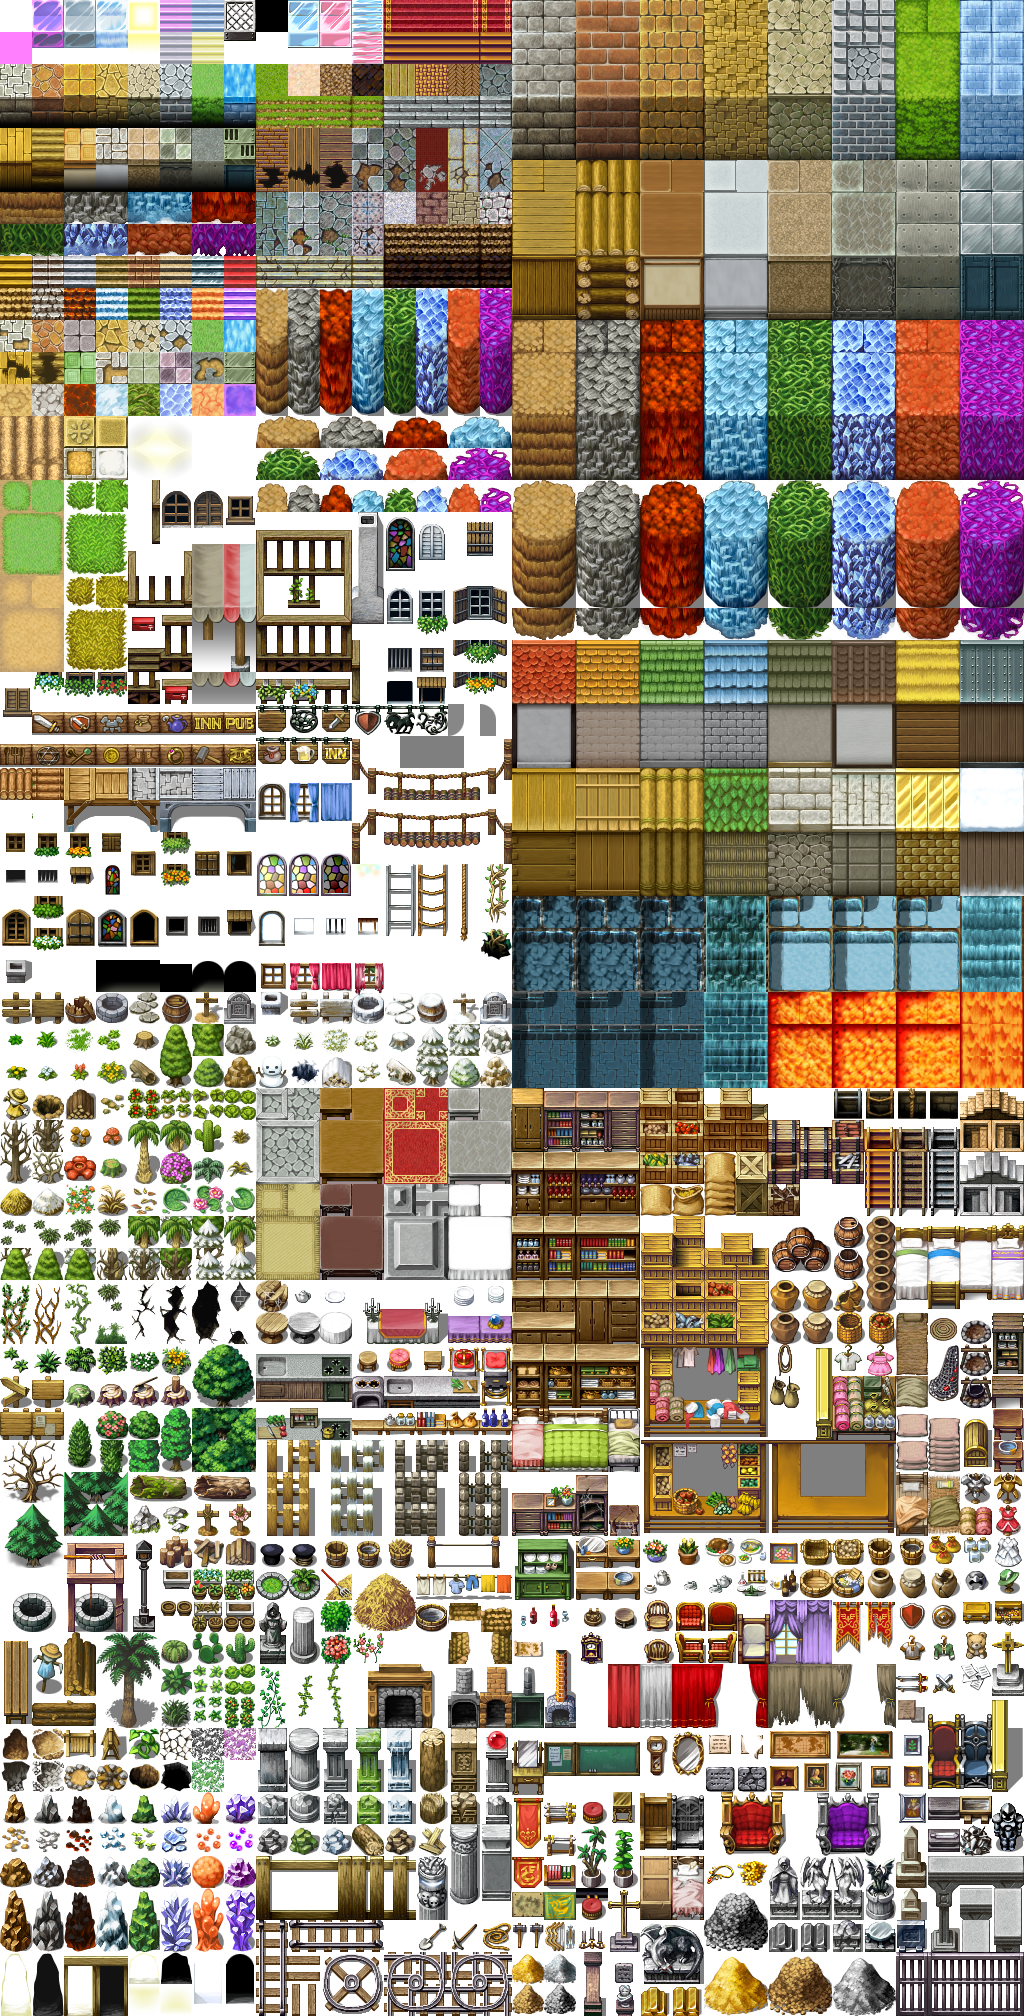 RPG Maker VX RTP Tileset by telles0808 | Pixel Games | Rpg